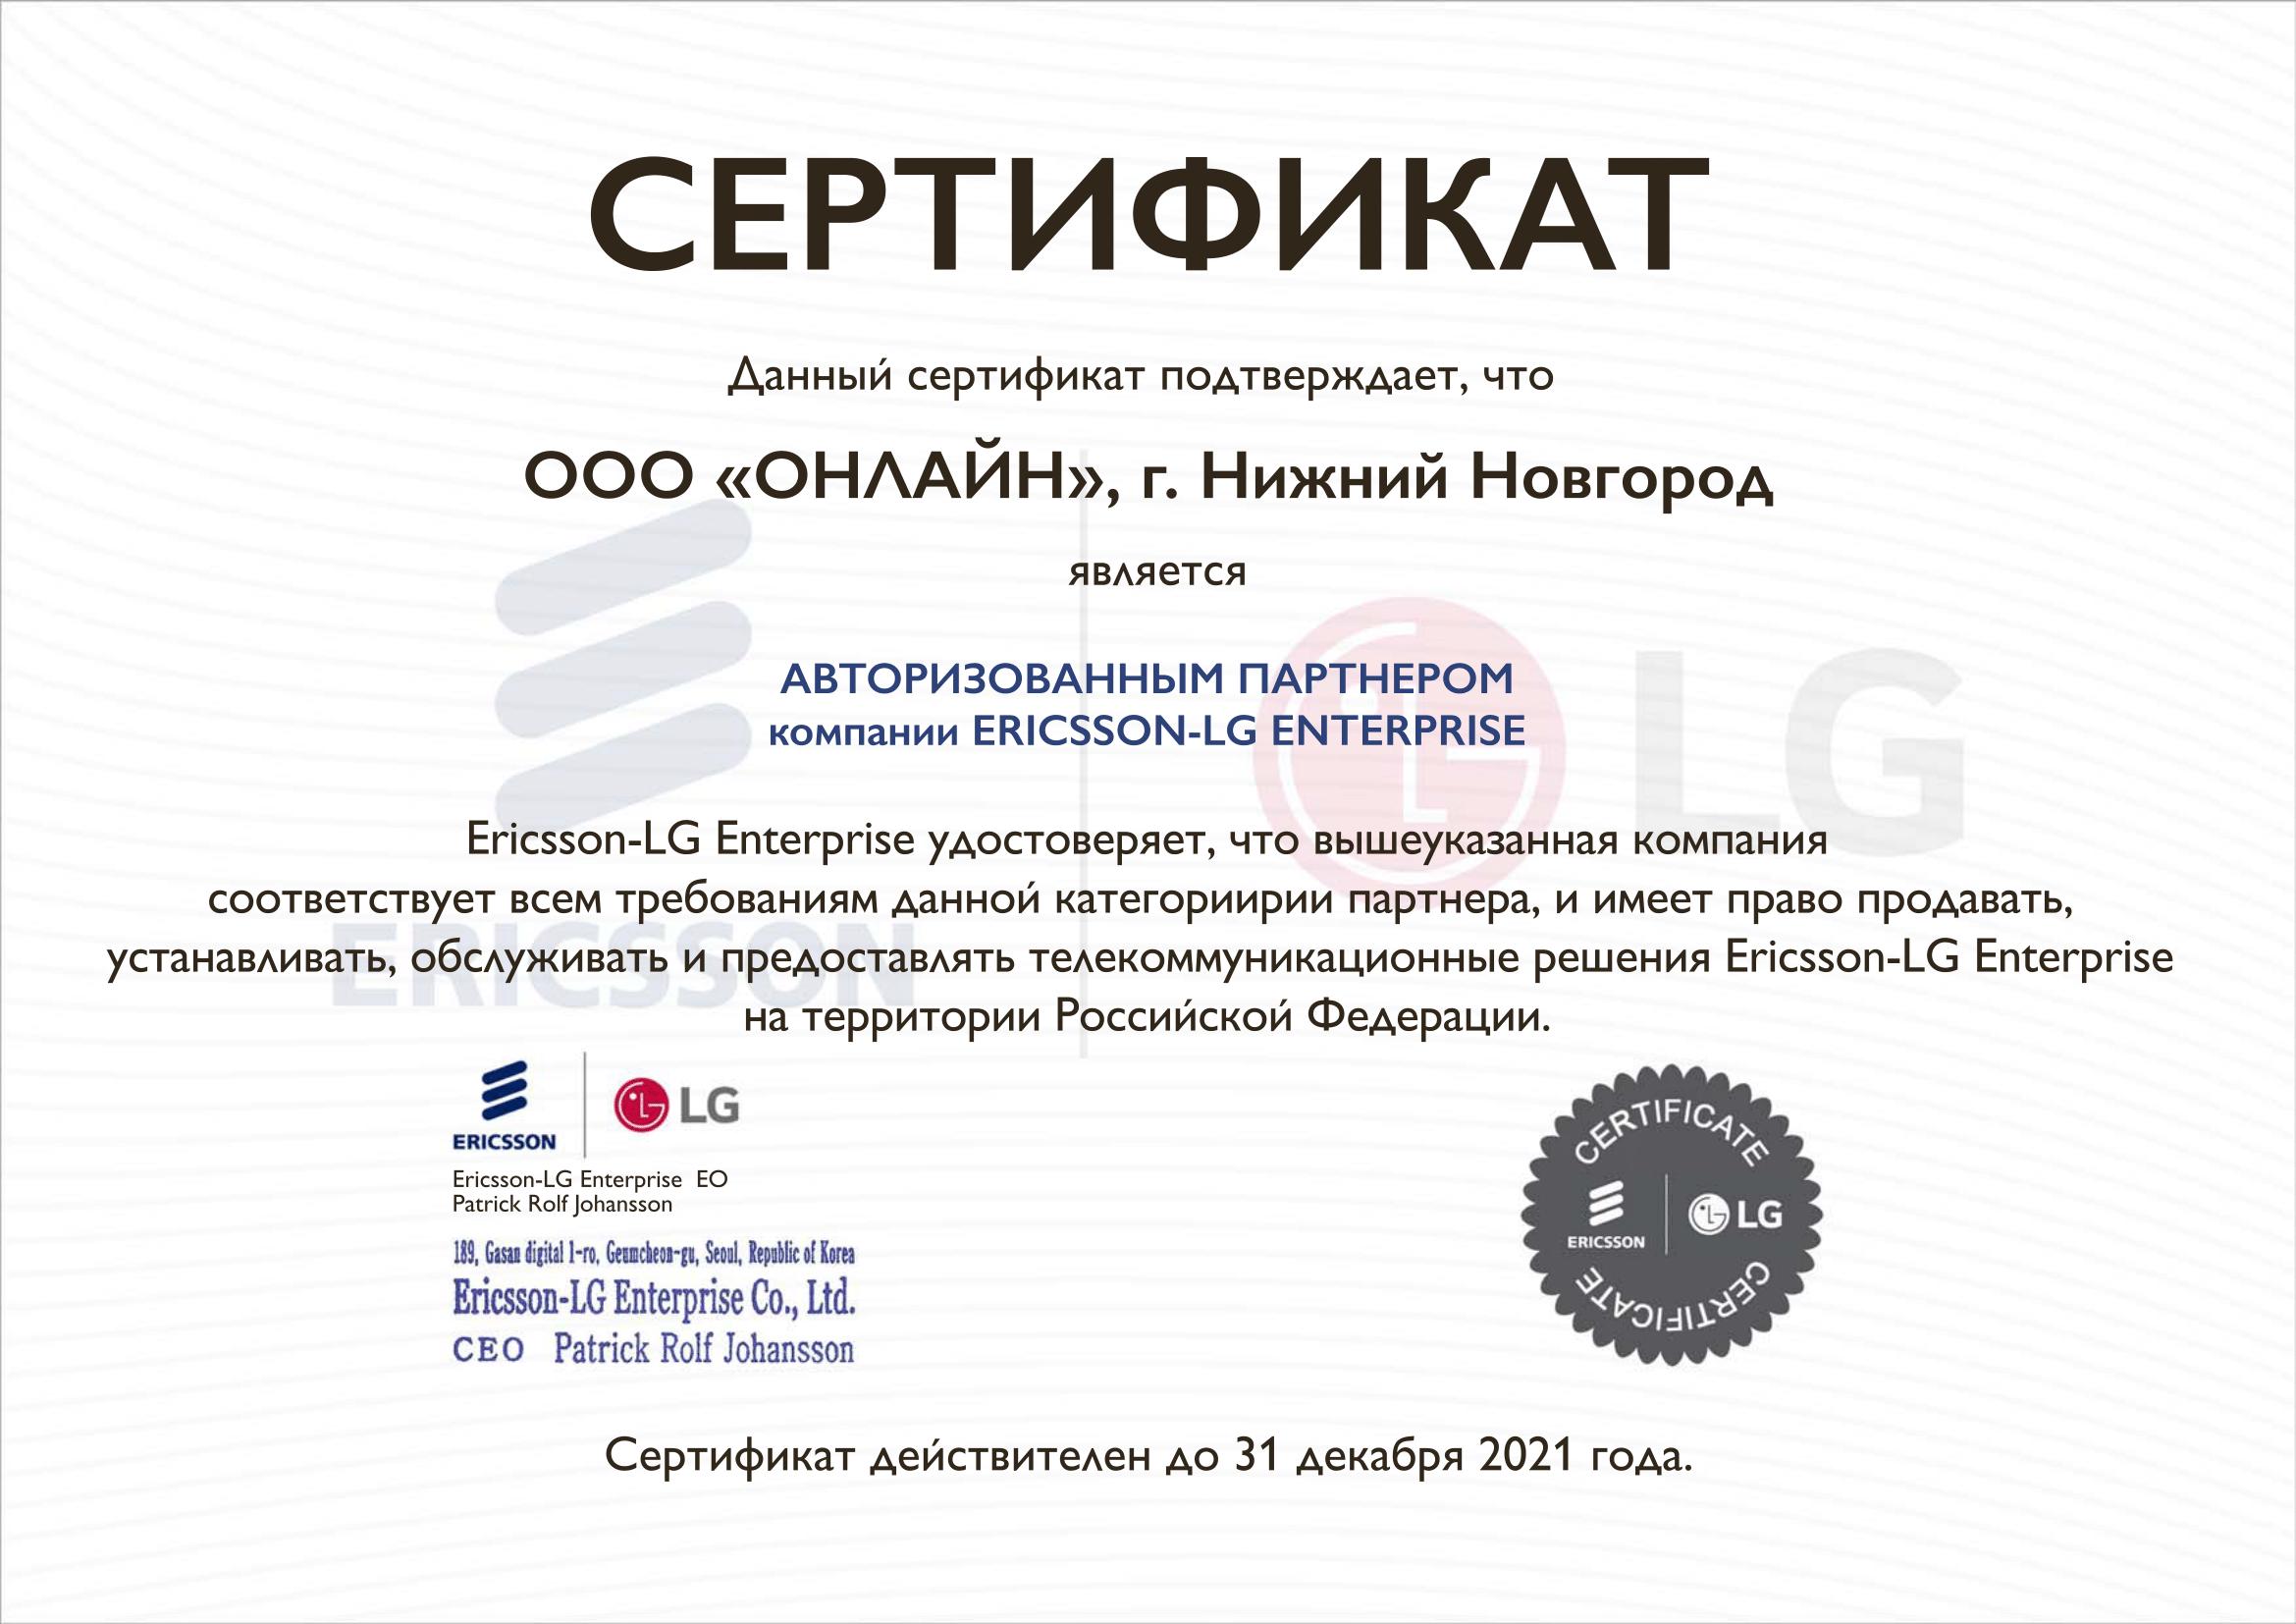 Сертификат LG до 31.12.2021